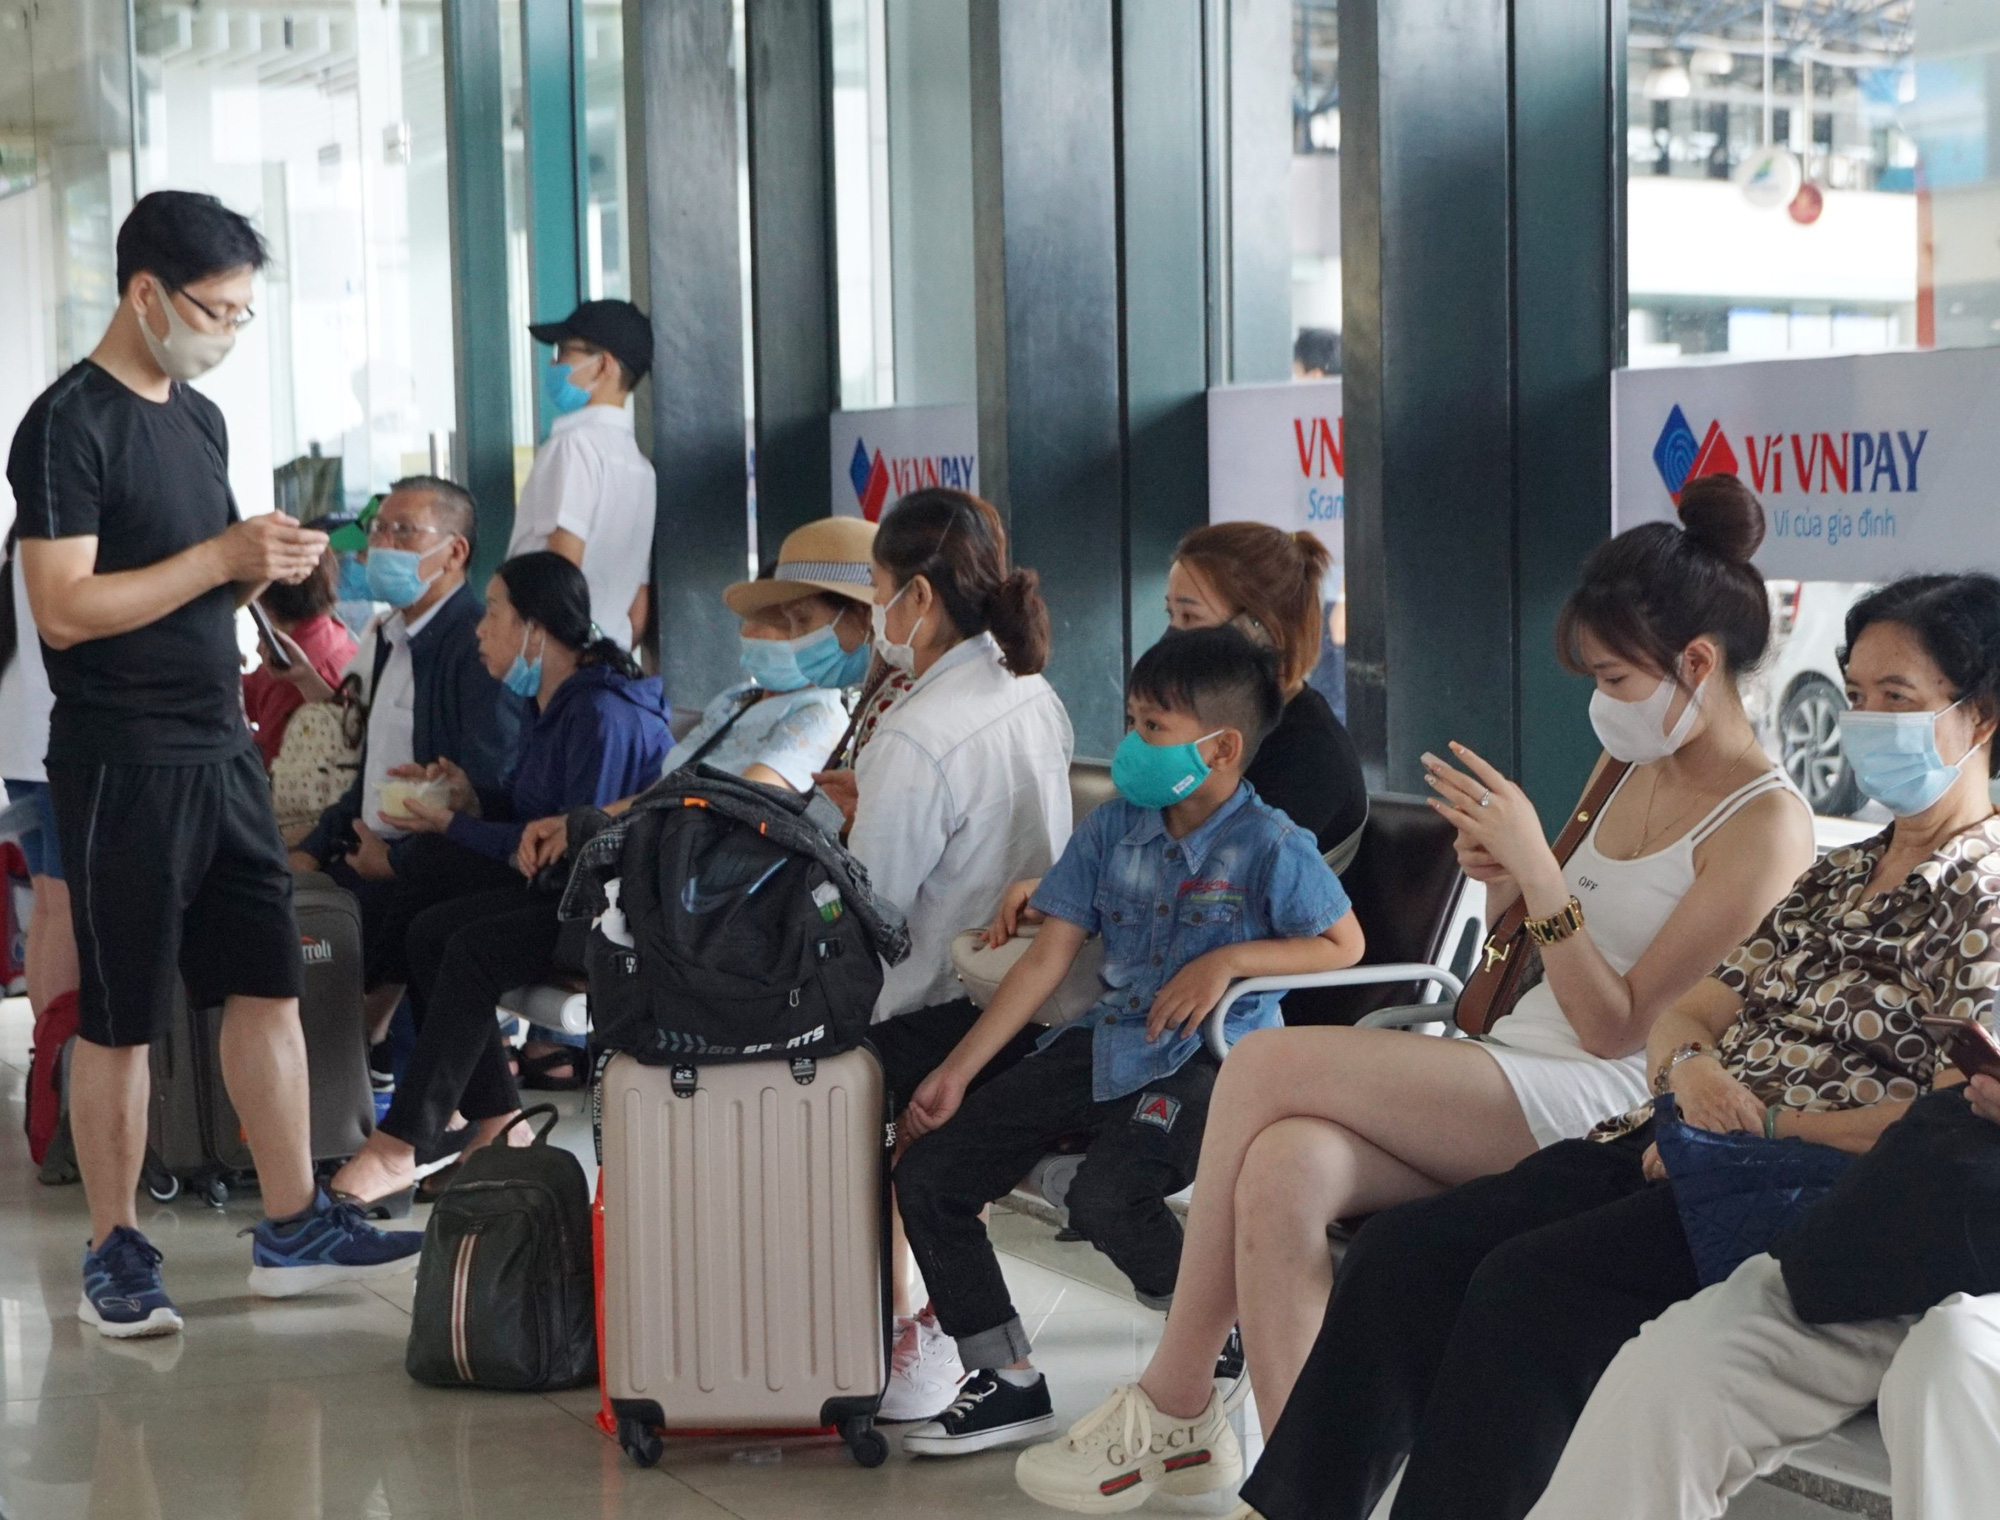 Hàng vạn hành khách xếp hàng dài chờ check-in tại sân bay Nội Bài trước ngày nghỉ lễ 30/4-1/5 - Ảnh 8.